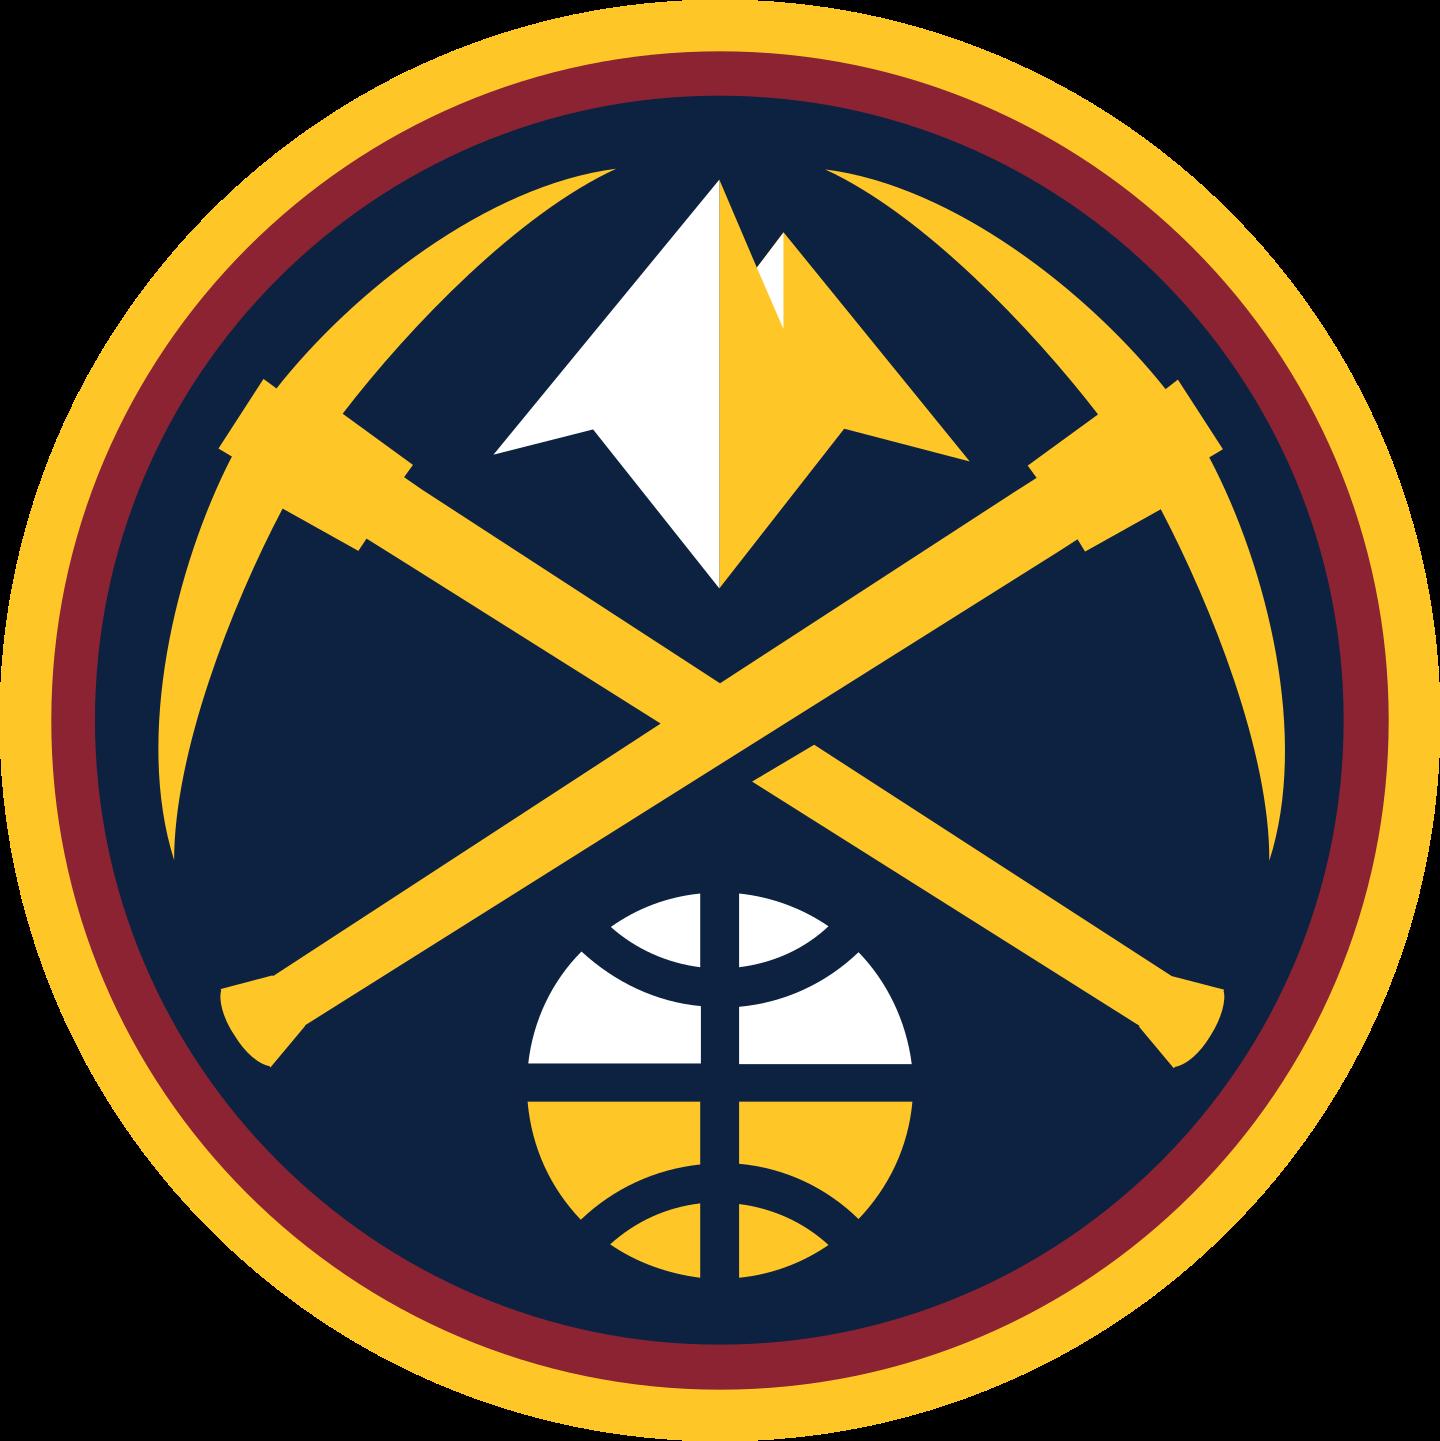 denver nuggets logo 2 - Denver Nuggets Logo